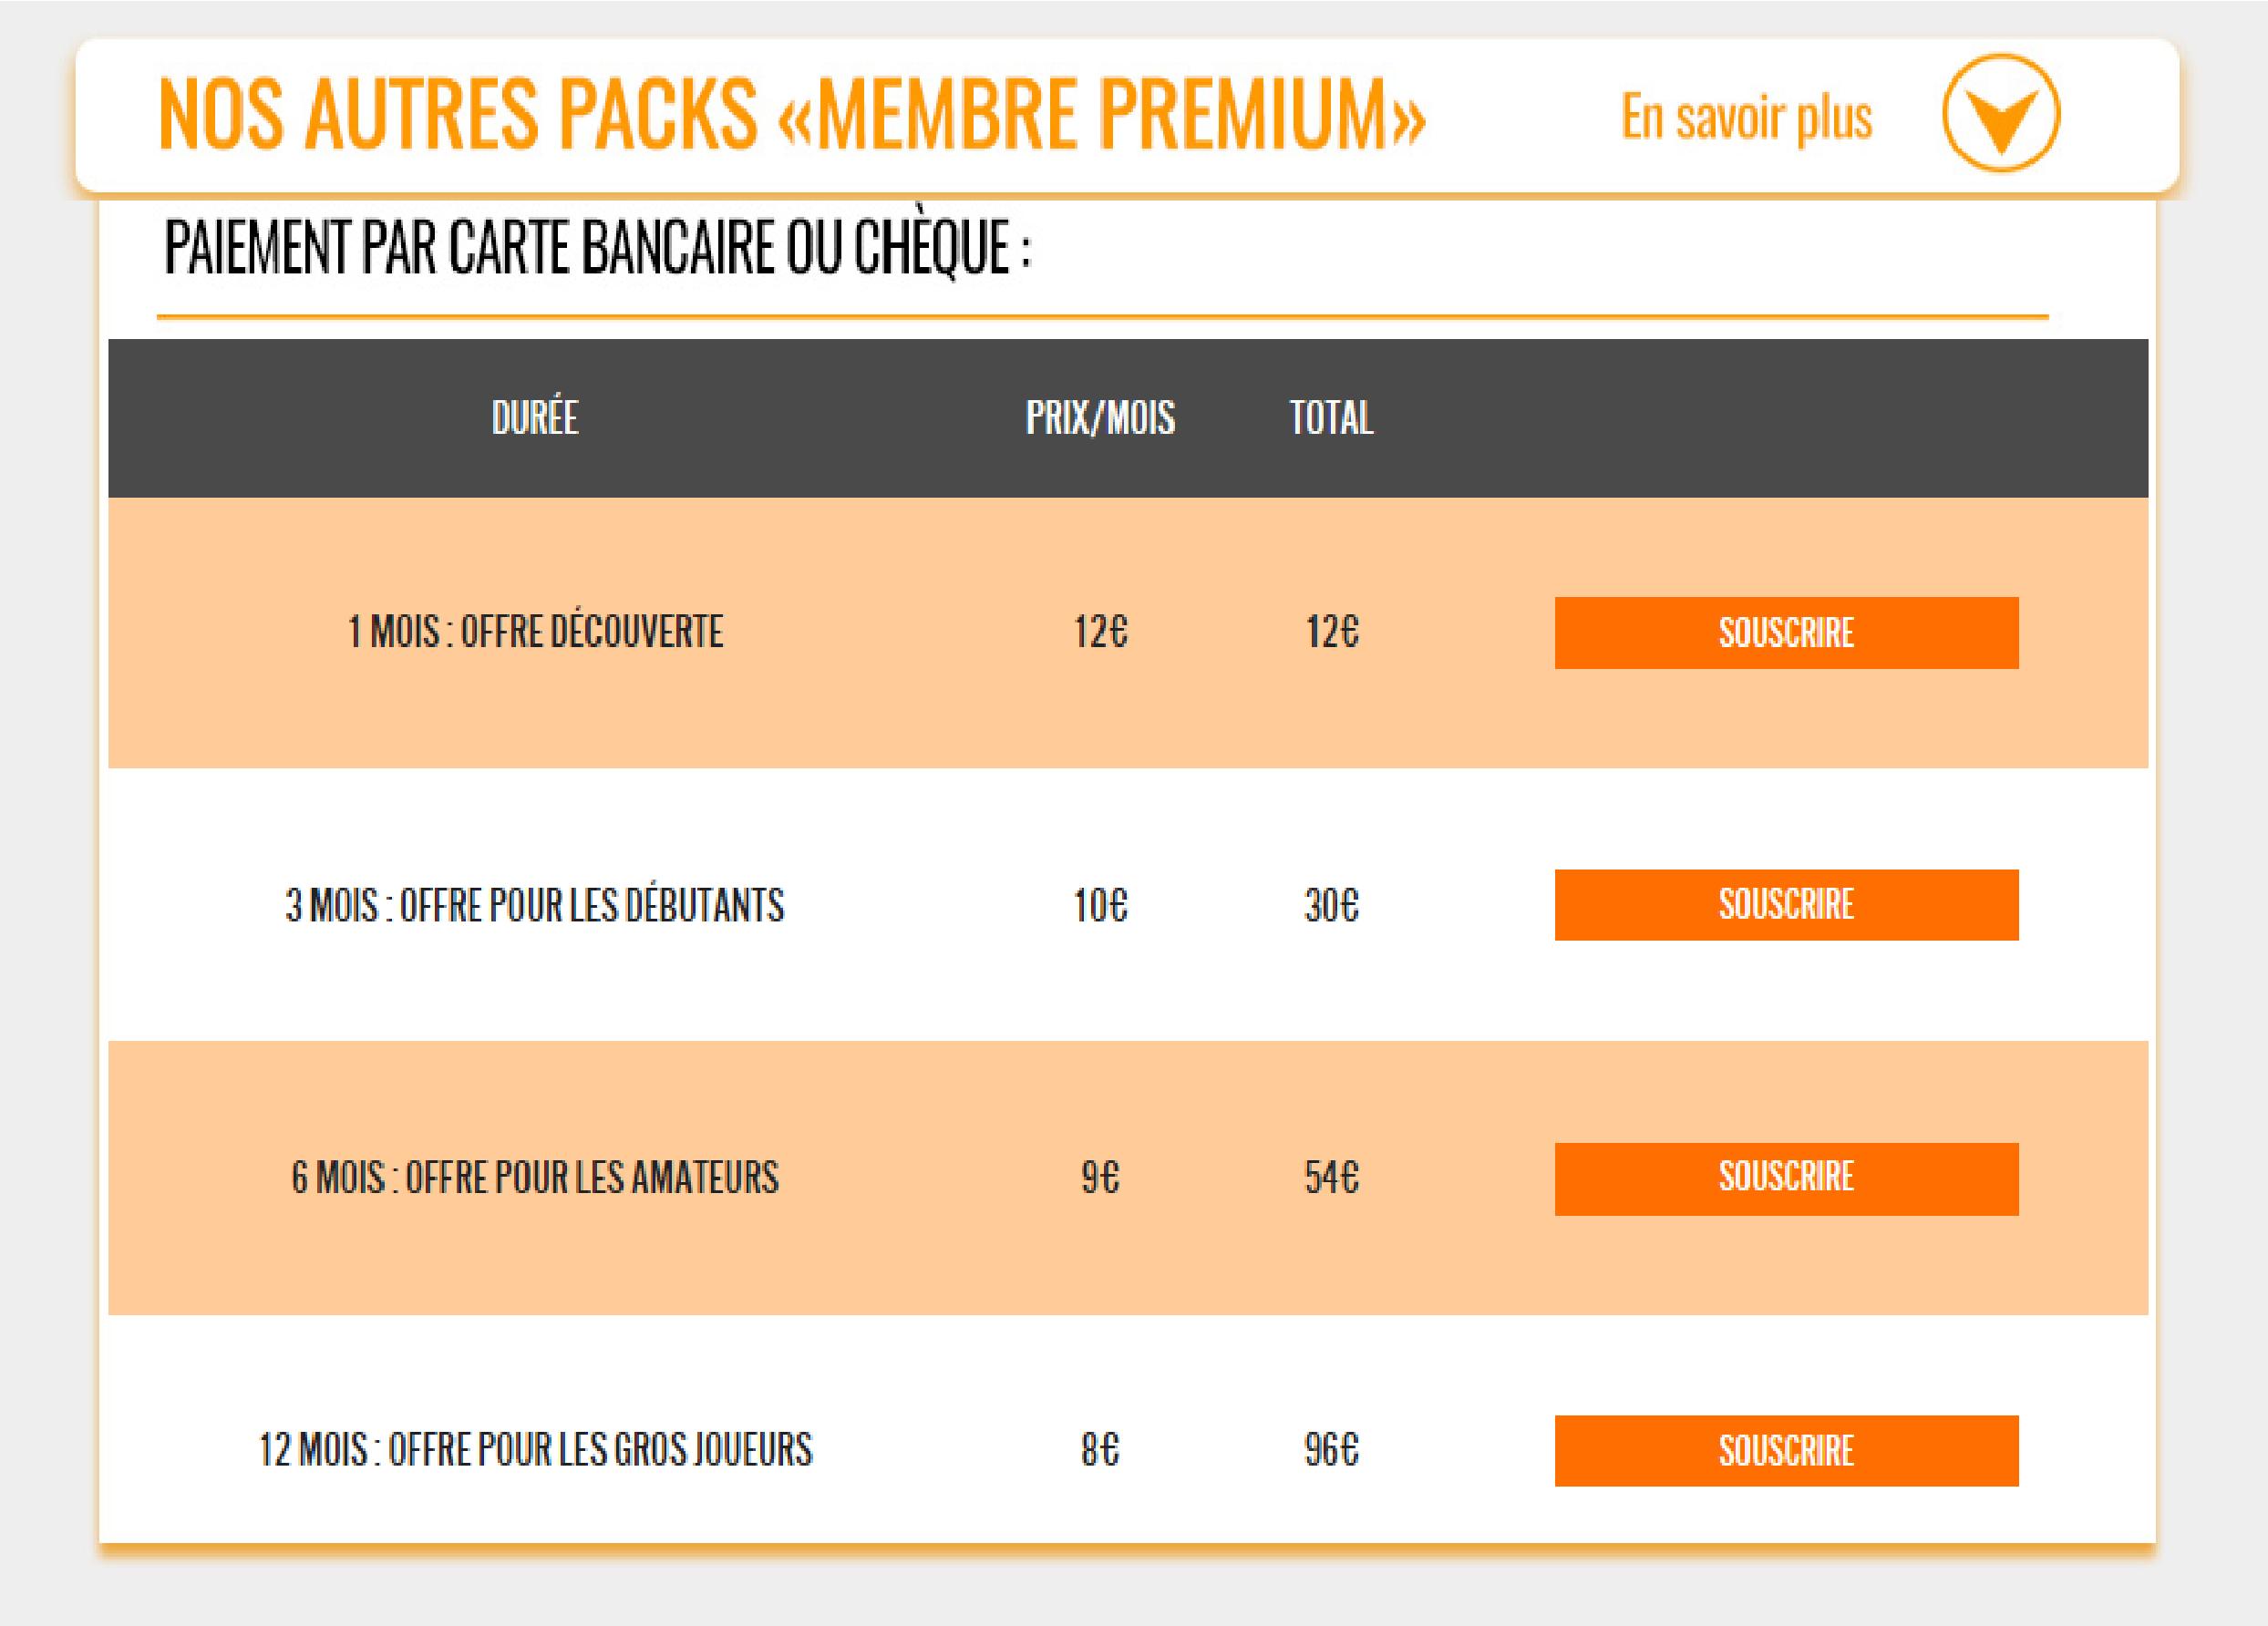 packs membres premium